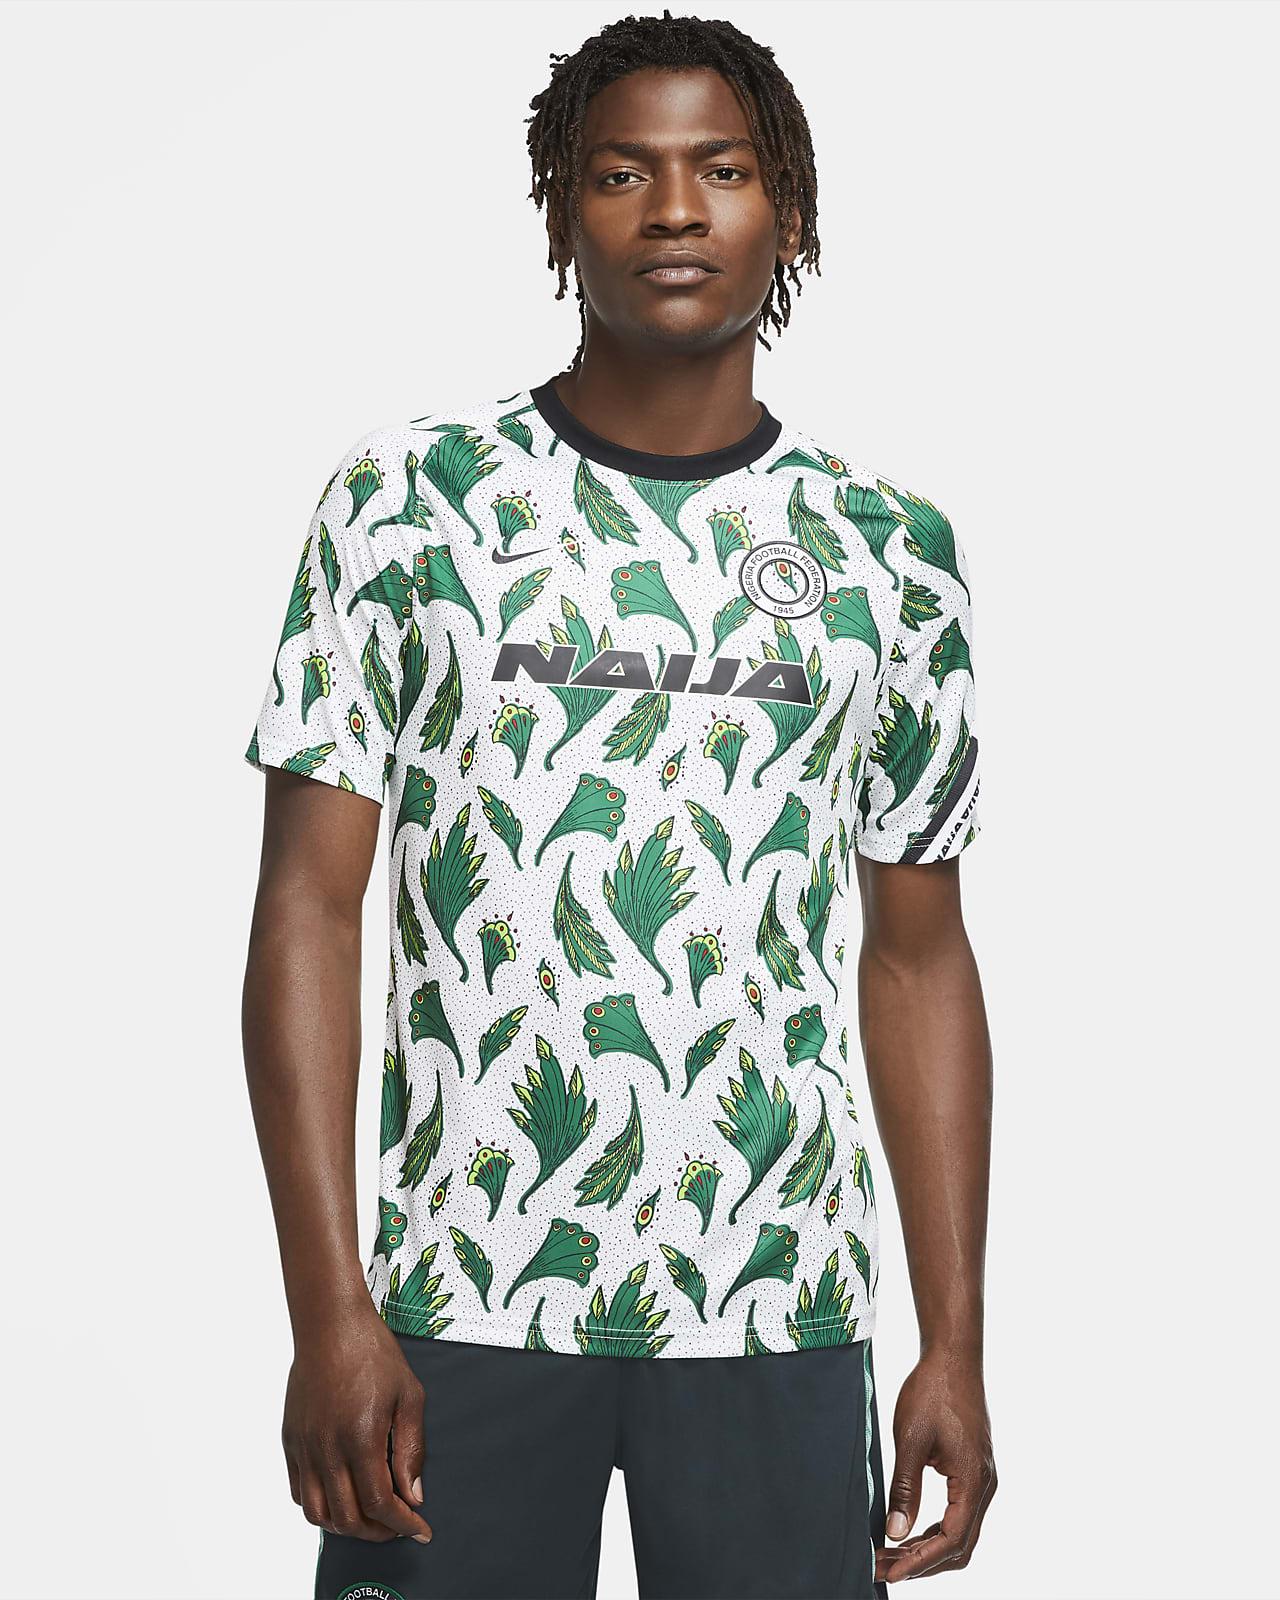 Nigeria Camiseta de fútbol de manga corta para antes del partido - Hombre